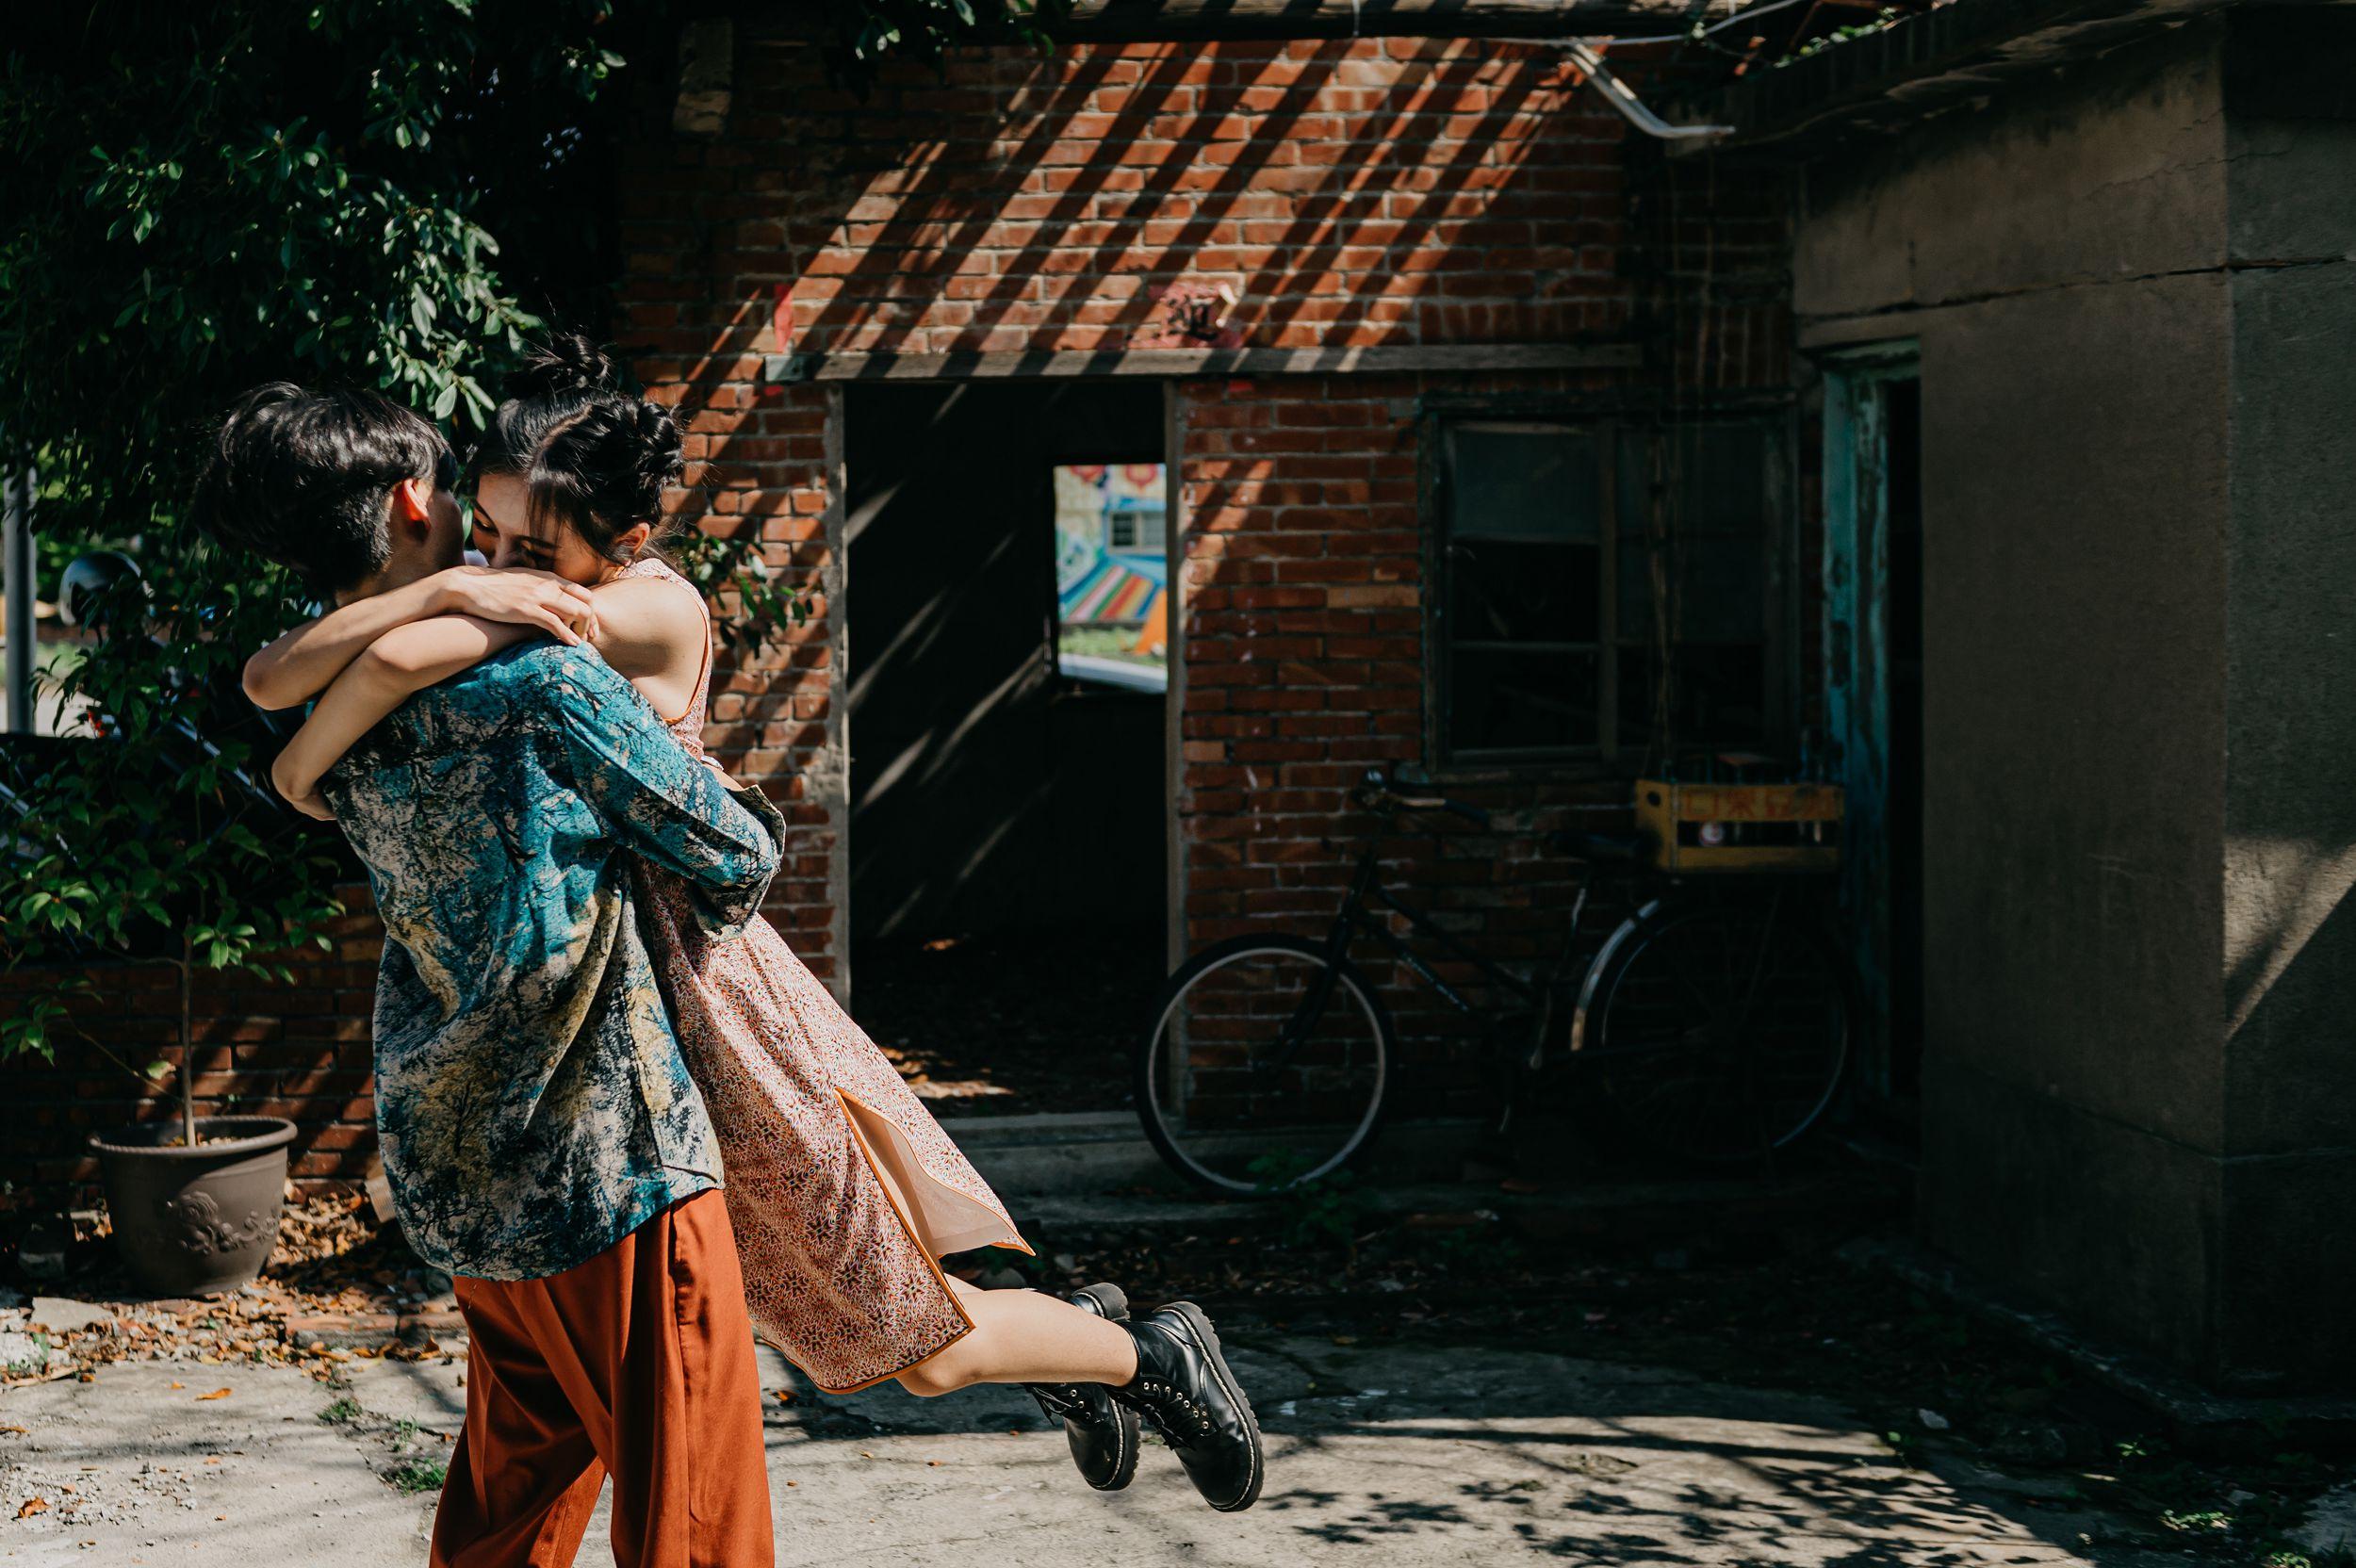 游阿三,自助婚紗,七顆梨西服,七顆梨旗袍,帕米絲婚紗工作室,廢墟,新竹,海邊,沙灘,小花園造型,自然清新,美式風格,自然互動,禮服穿搭,婚攝,台北婚紗,新竹老街,香山沙丘